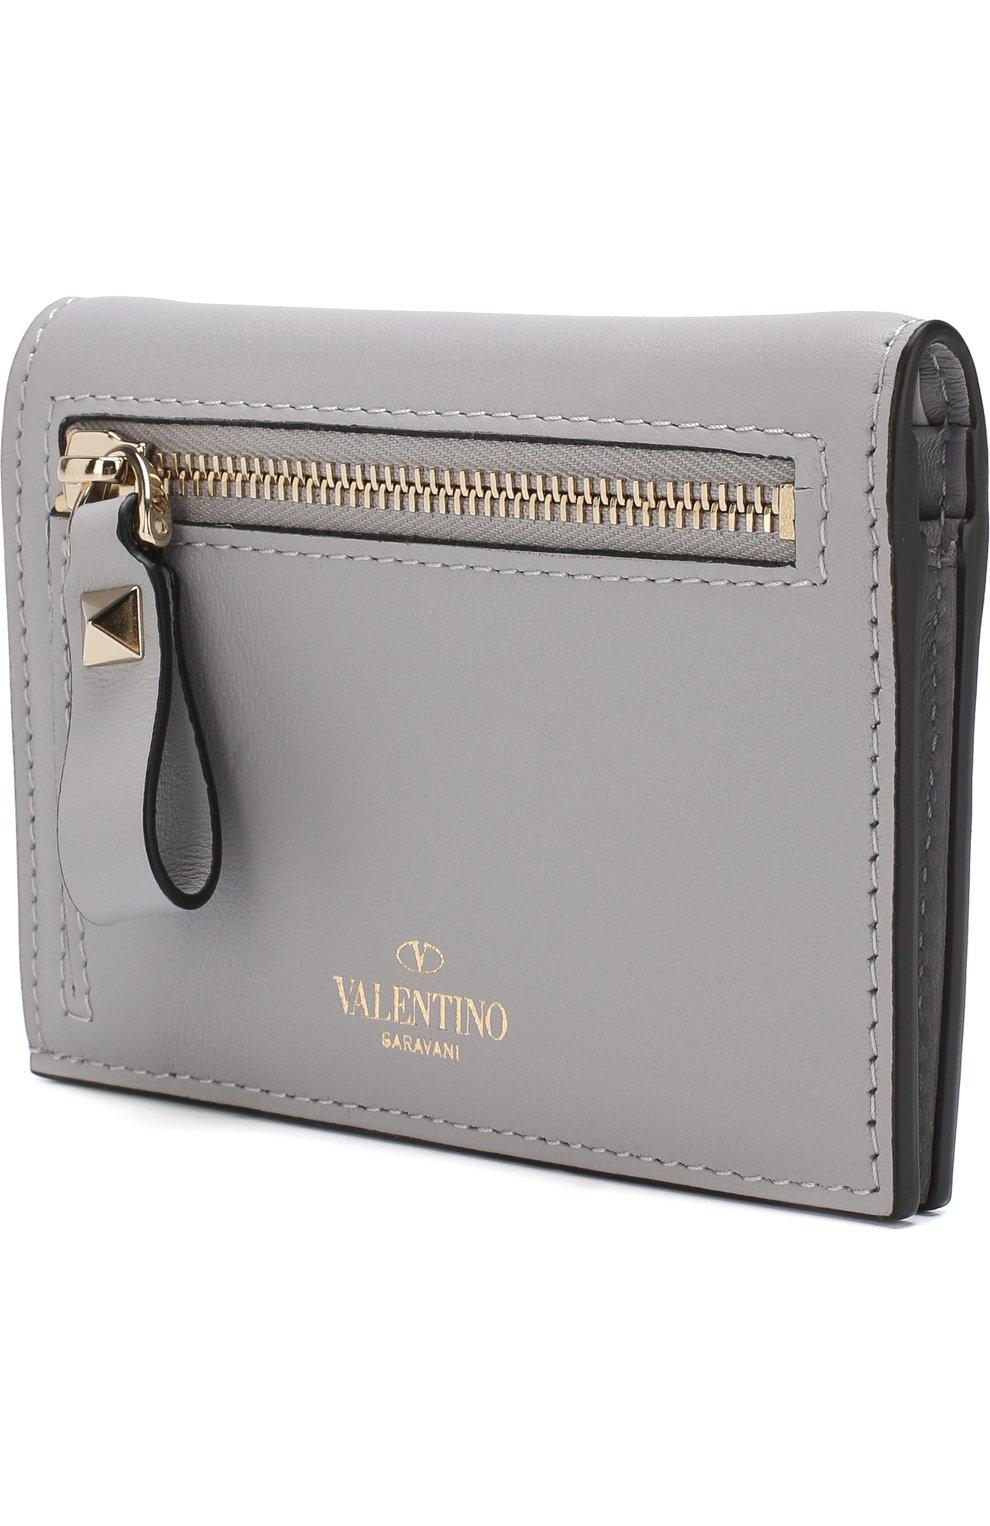 Кожаный кошелек Valentino Garavani Rockstud   Фото №2